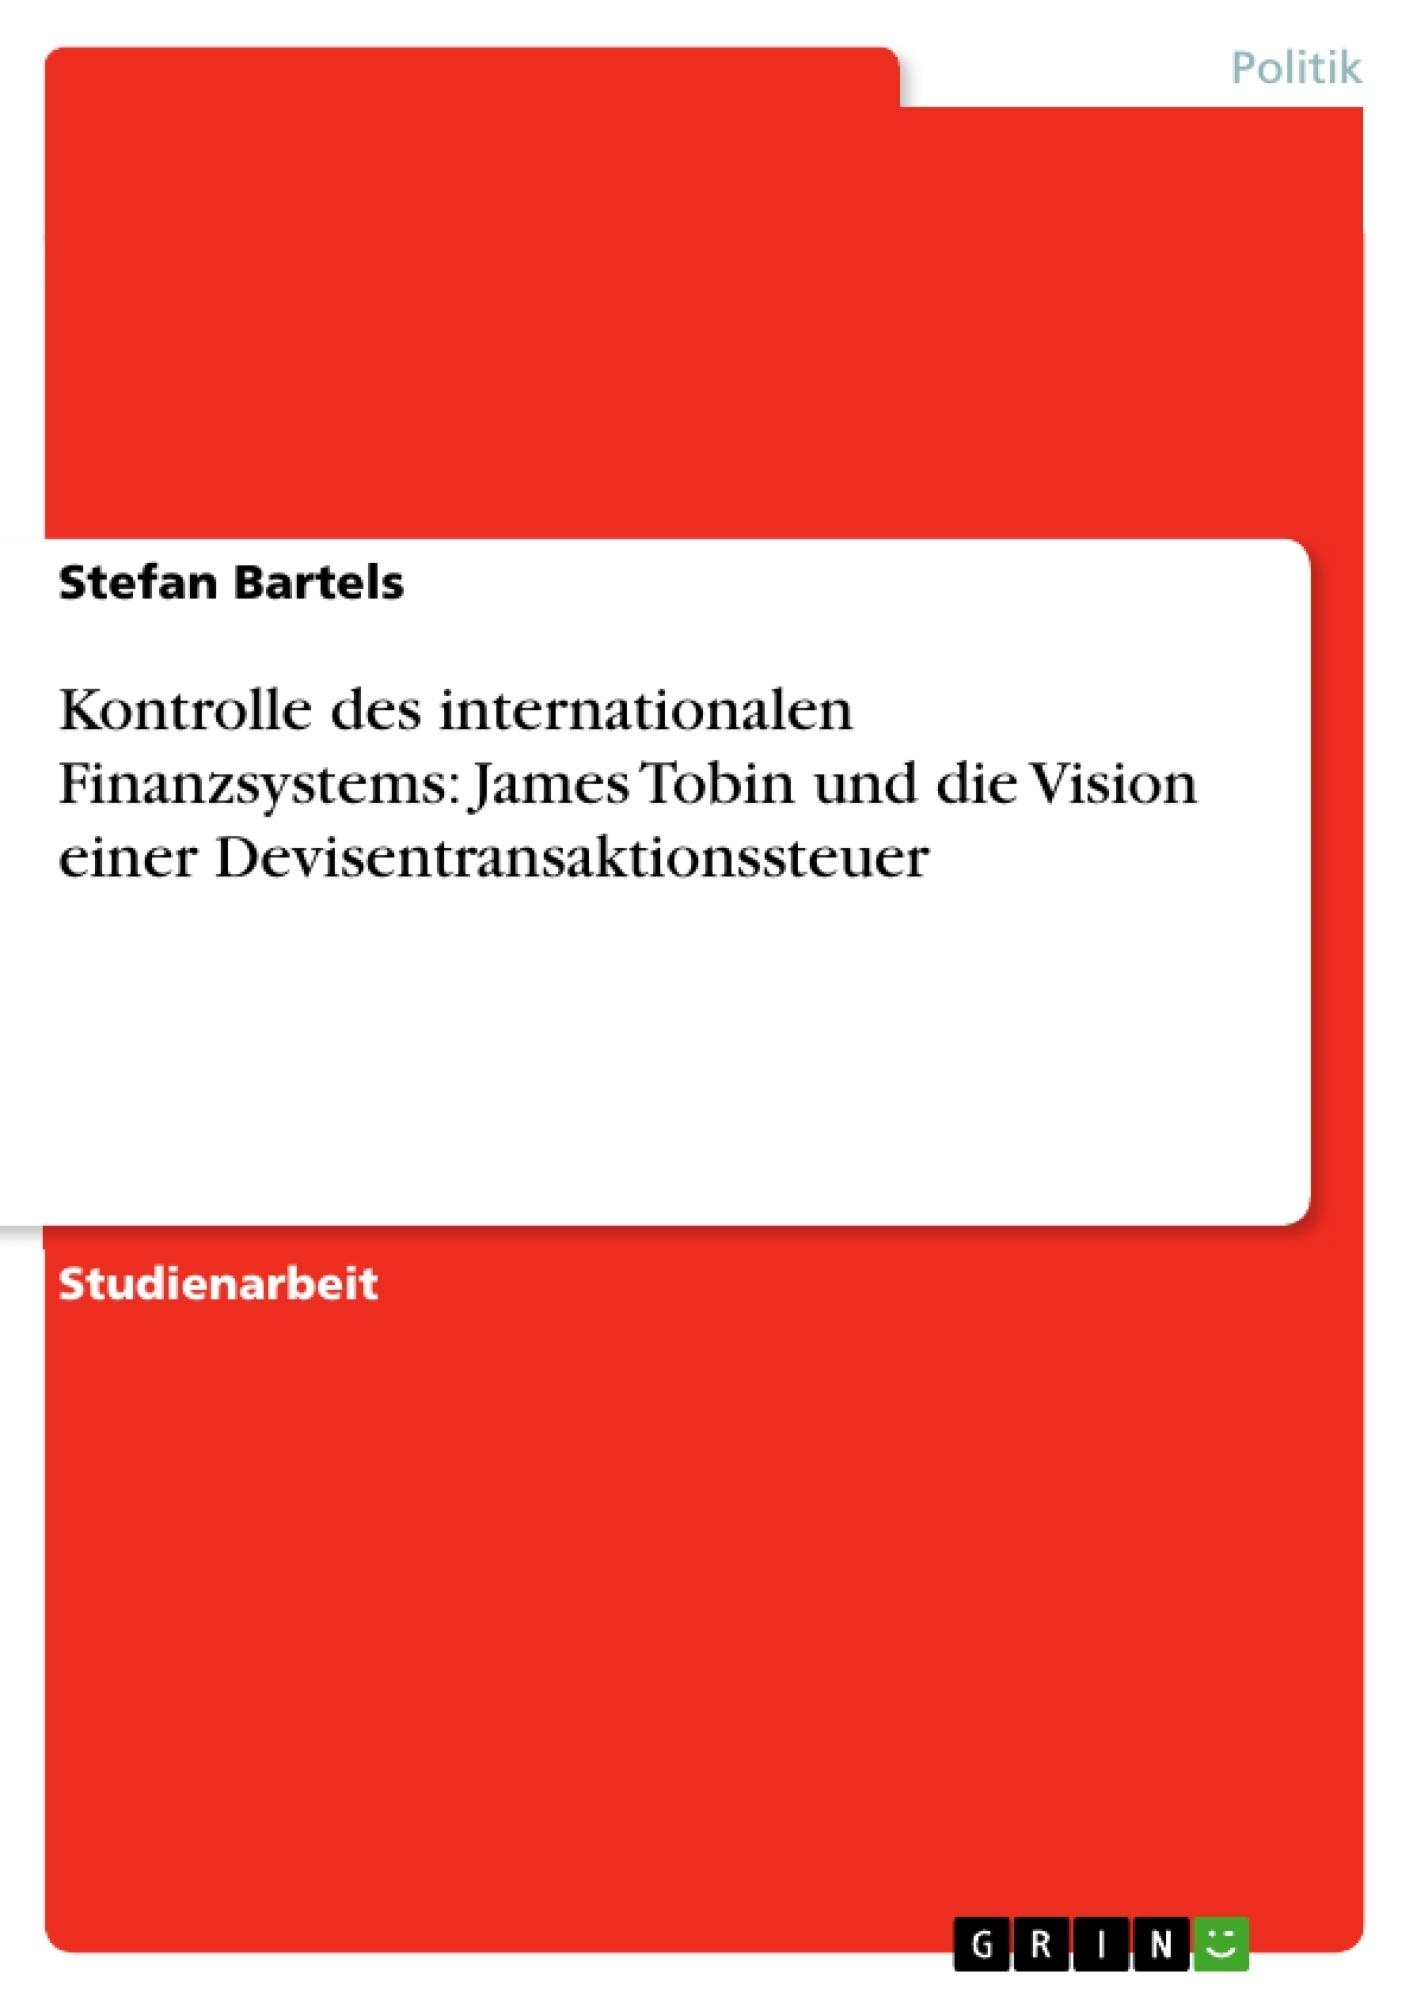 Titel: Kontrolle des internationalen Finanzsystems: James Tobin und die Vision einer Devisentransaktionssteuer